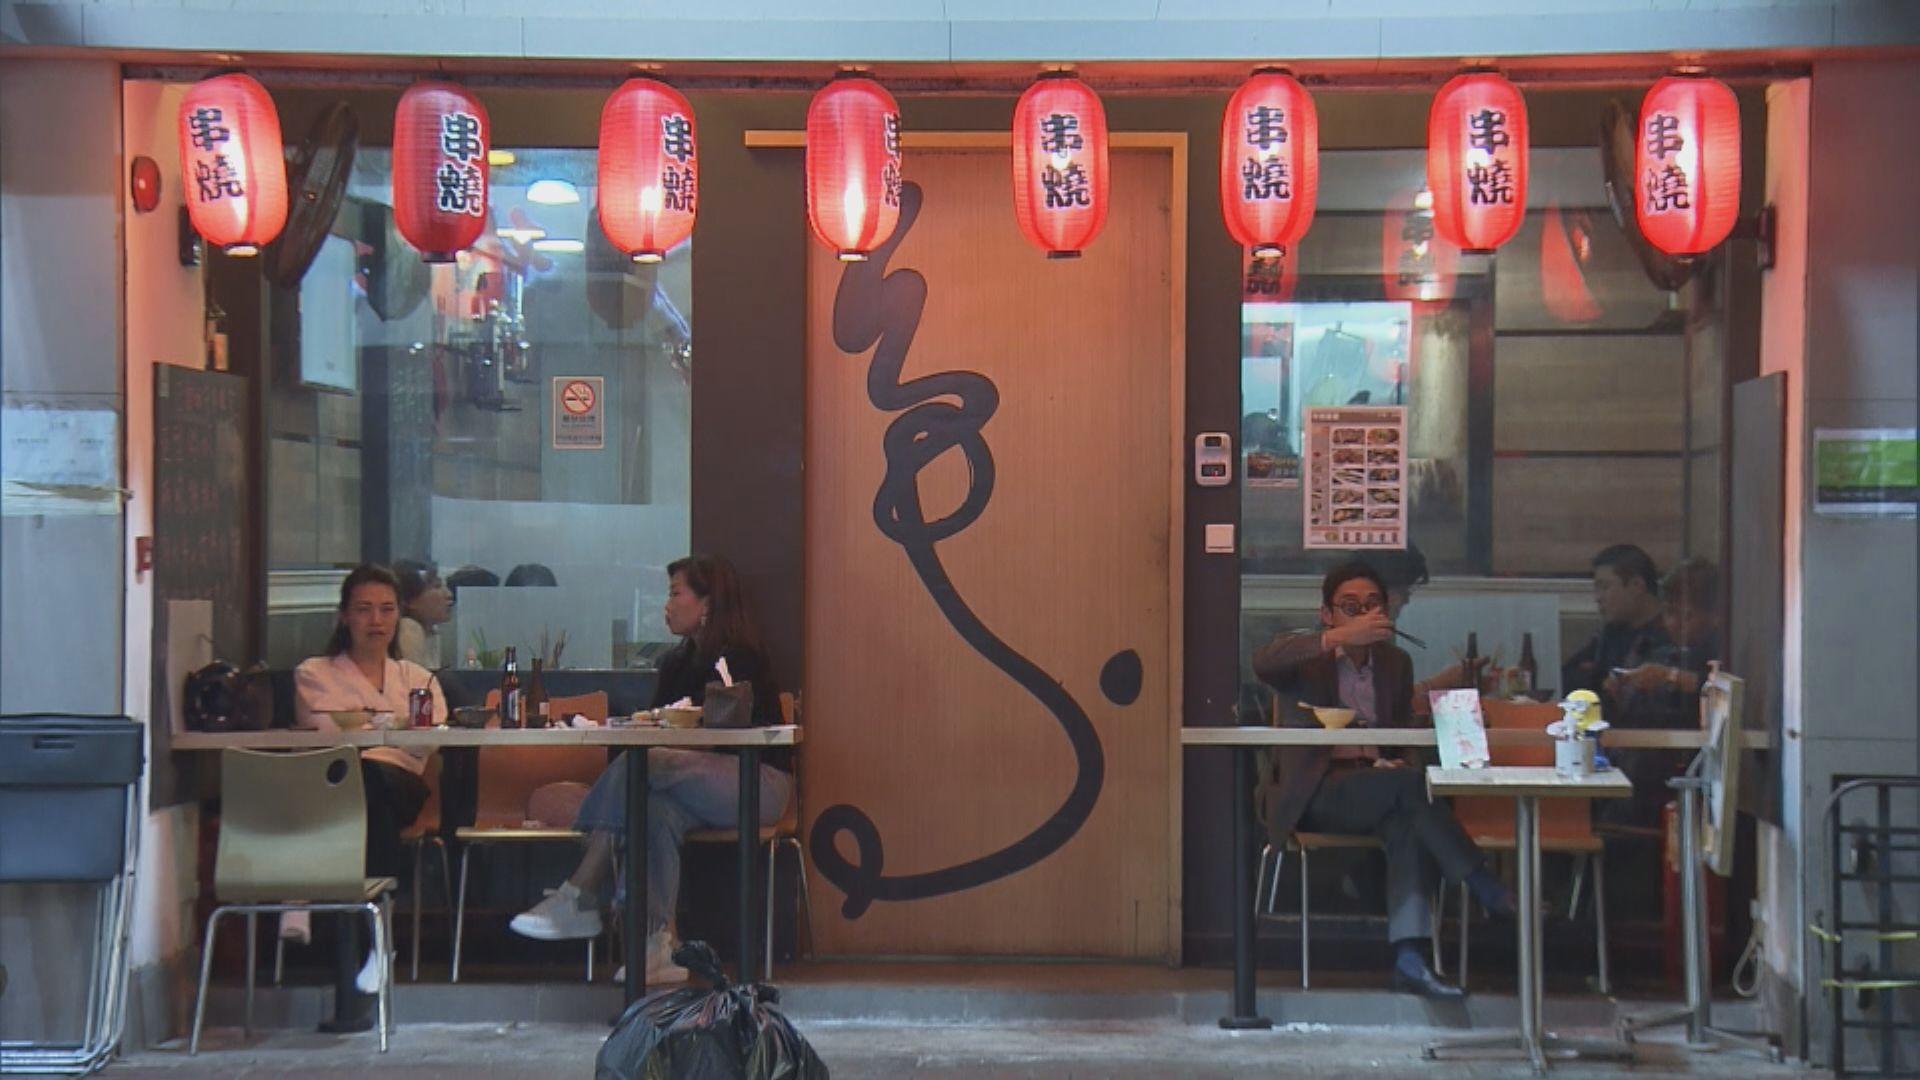 餐廳負責人估計部分防疫措施放寬對生意幫助不大